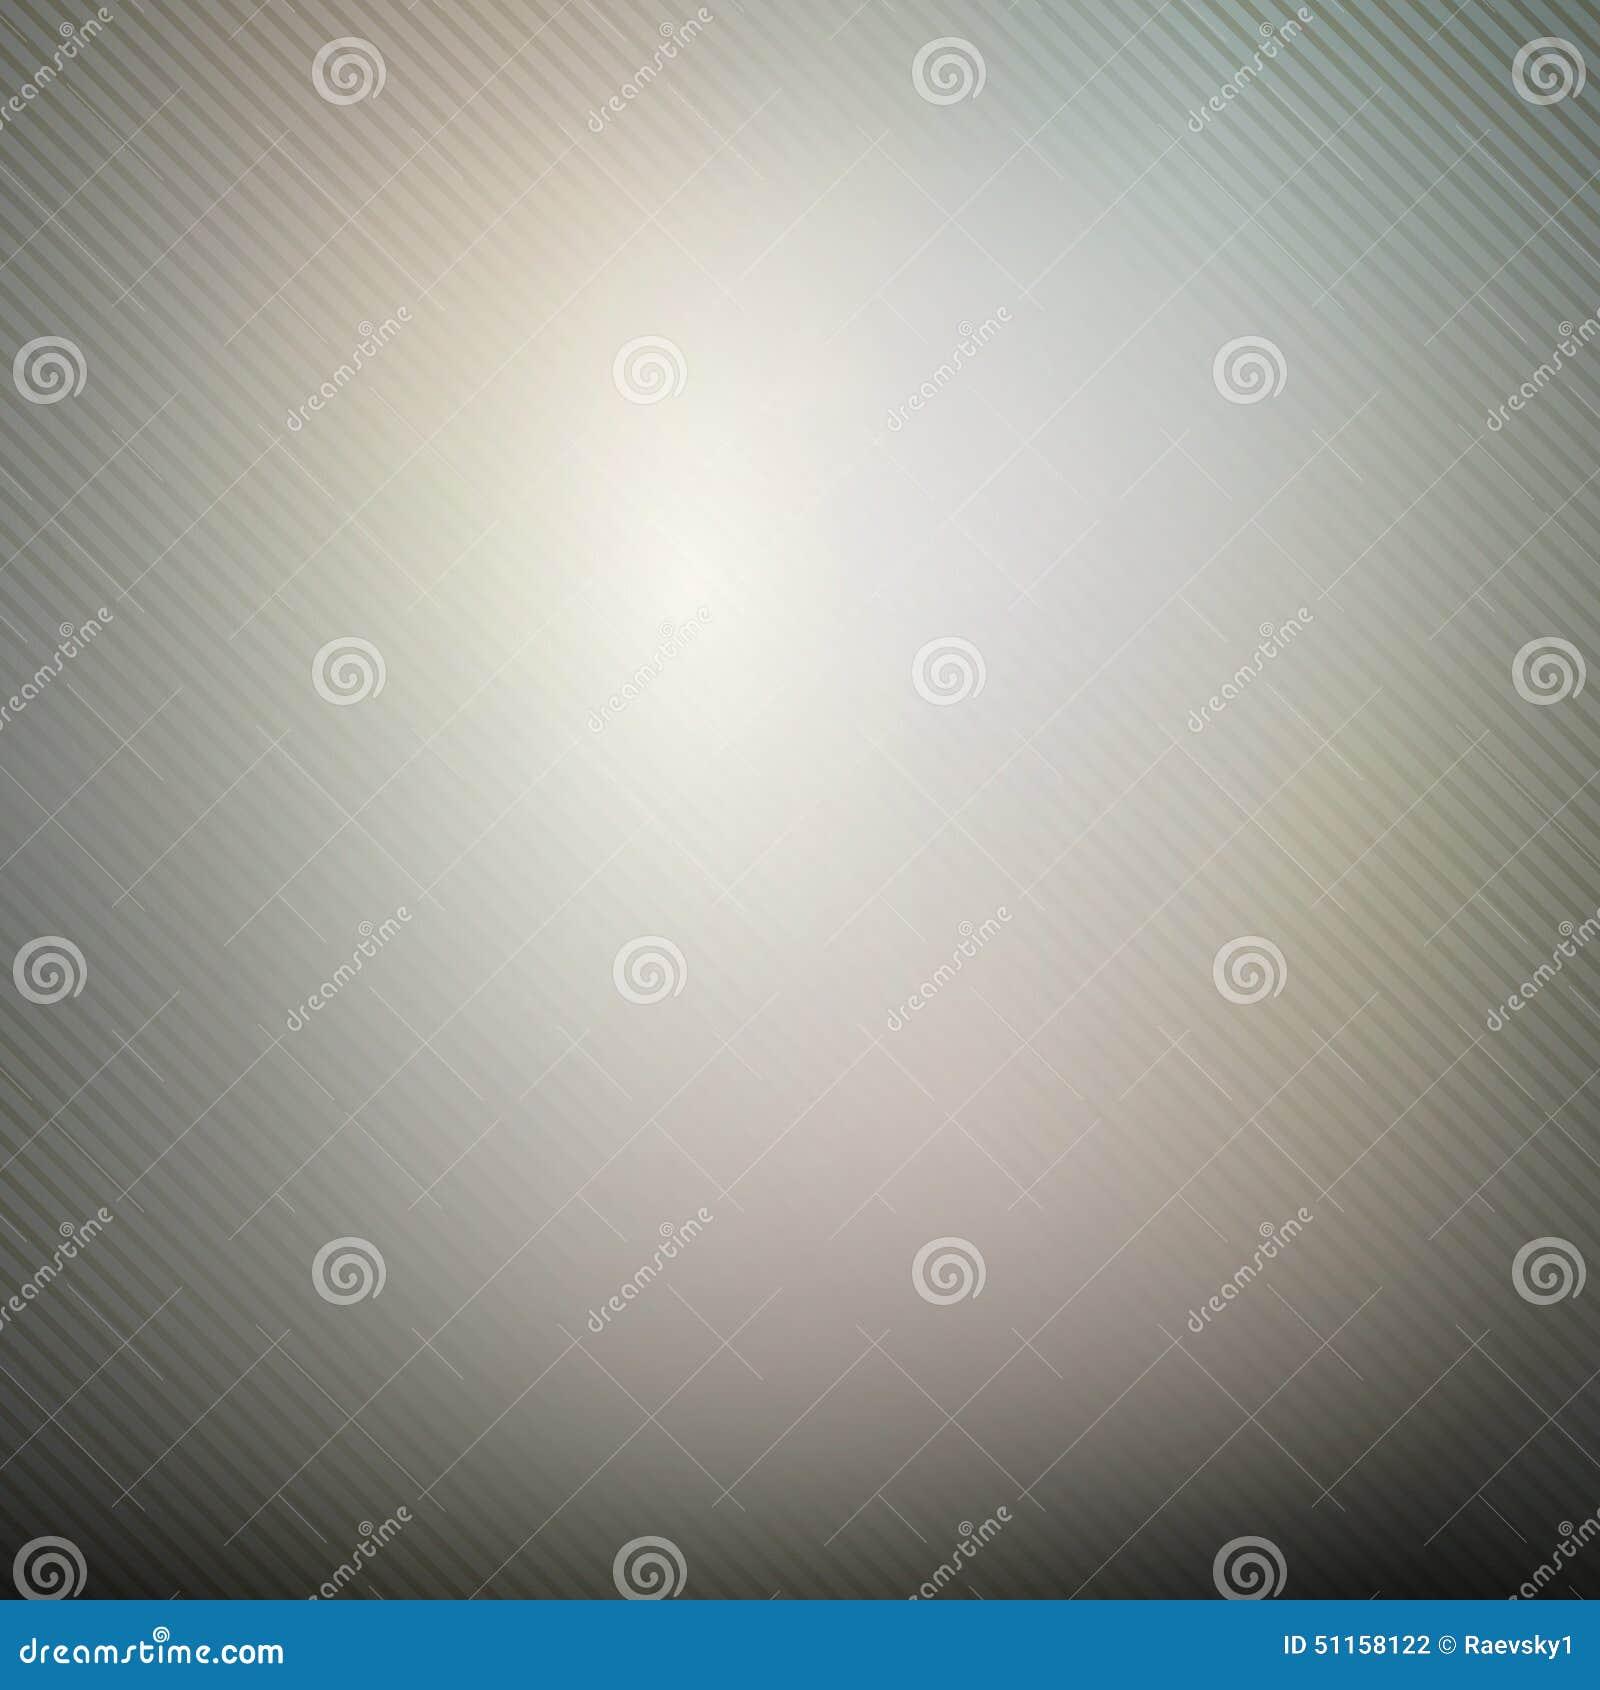 对角重复平直的条纹纹理,淡色